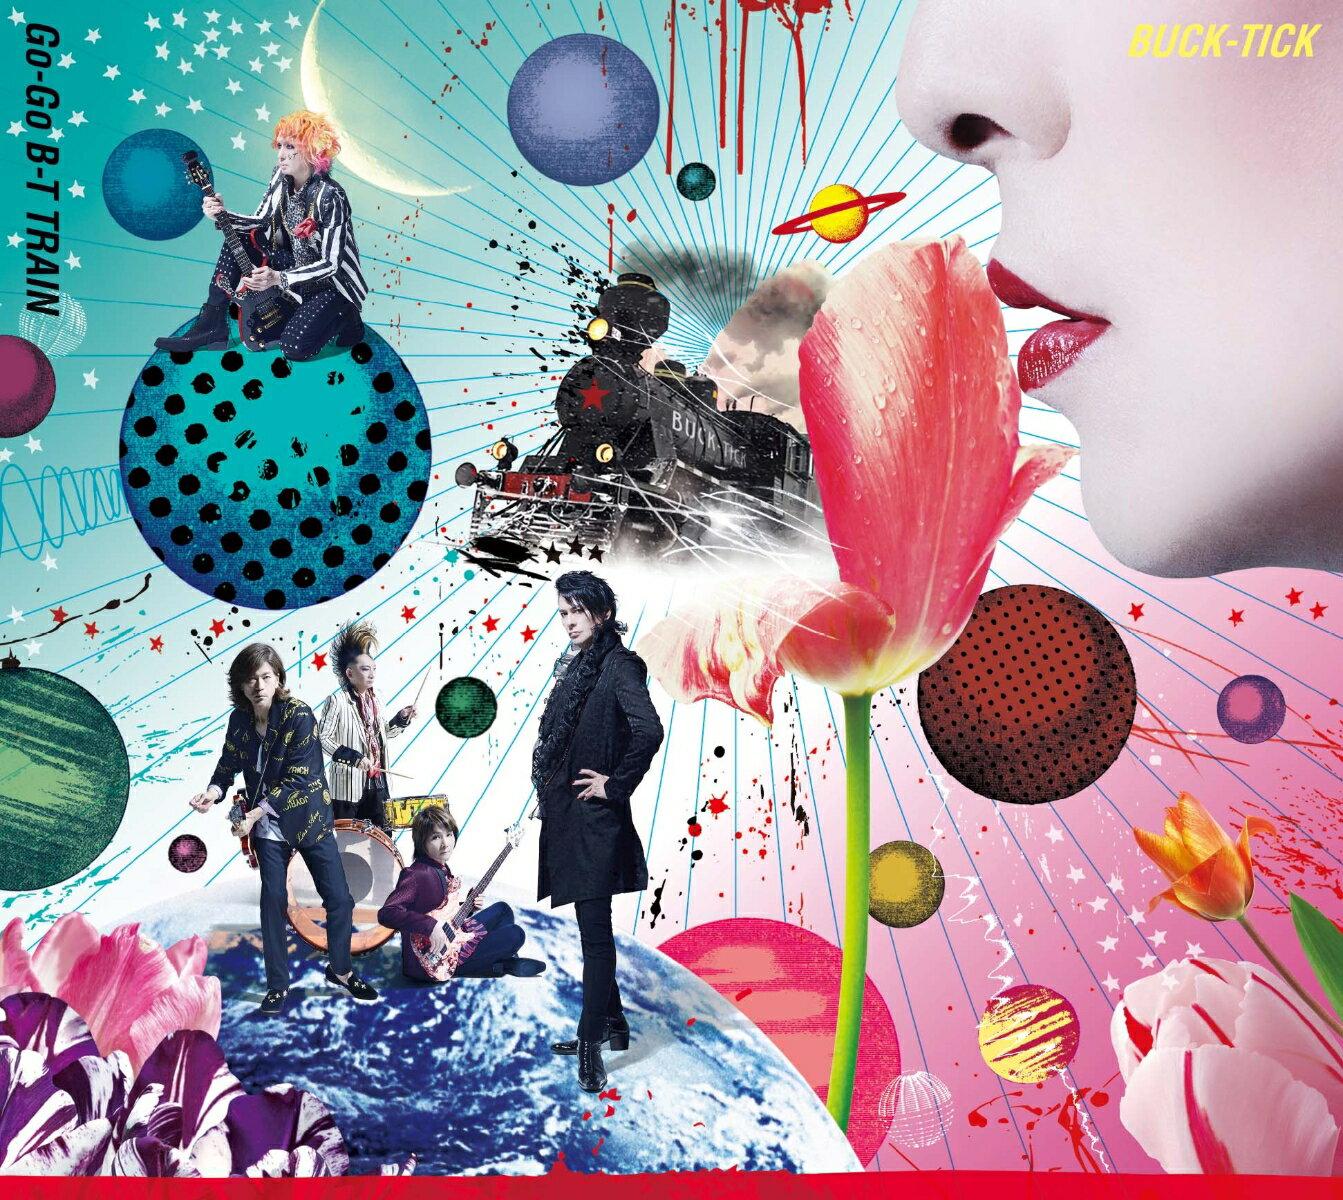 邦楽, ロック・ポップス Go-Go B-T TRAIN (A CDBlu-ray) BUCK-TICK